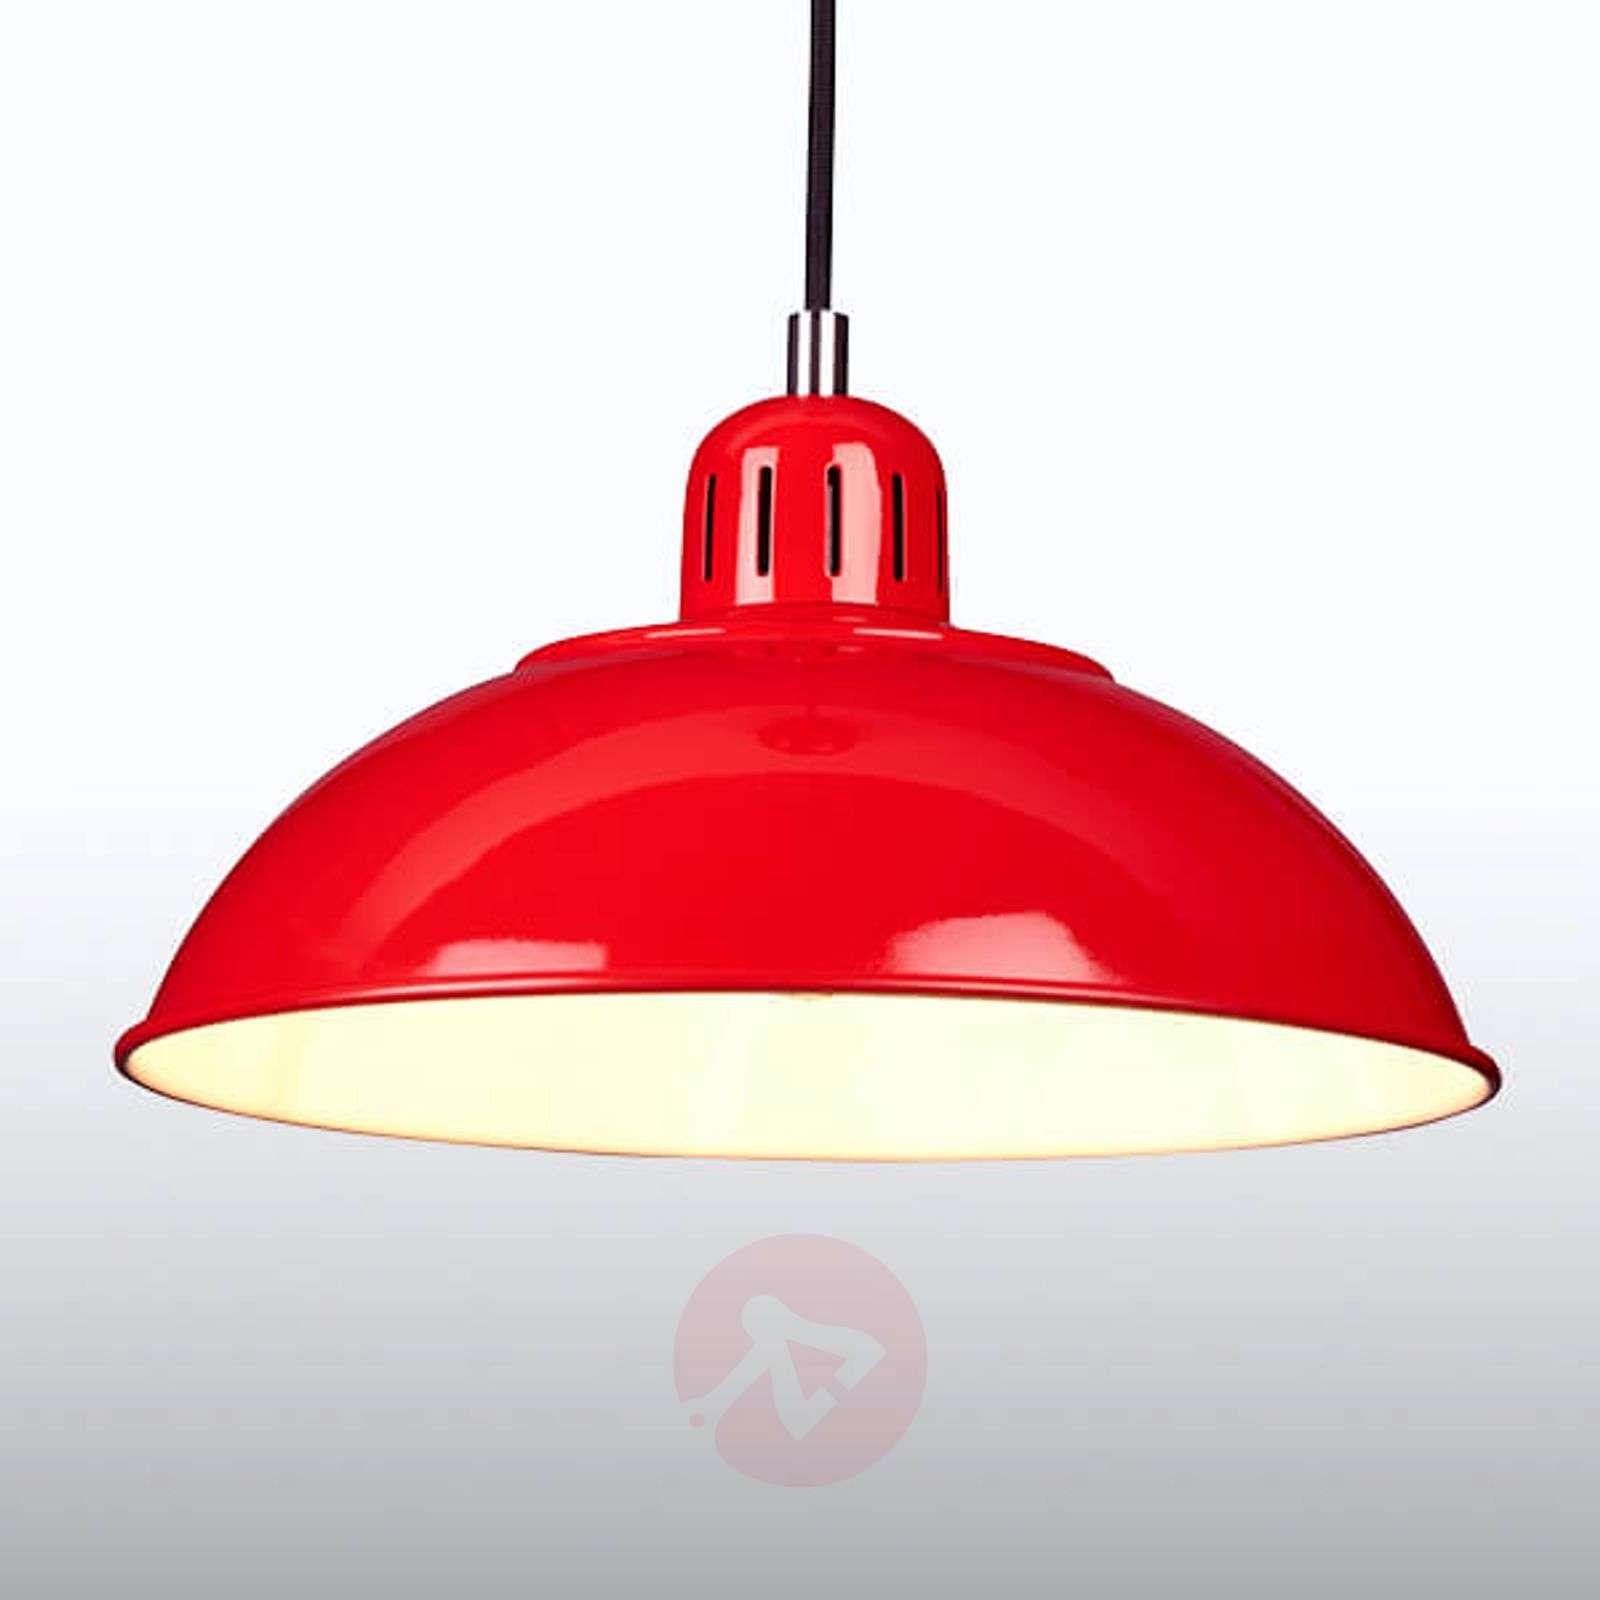 Red pendant lamp Franklin in a retro design-3048778-01